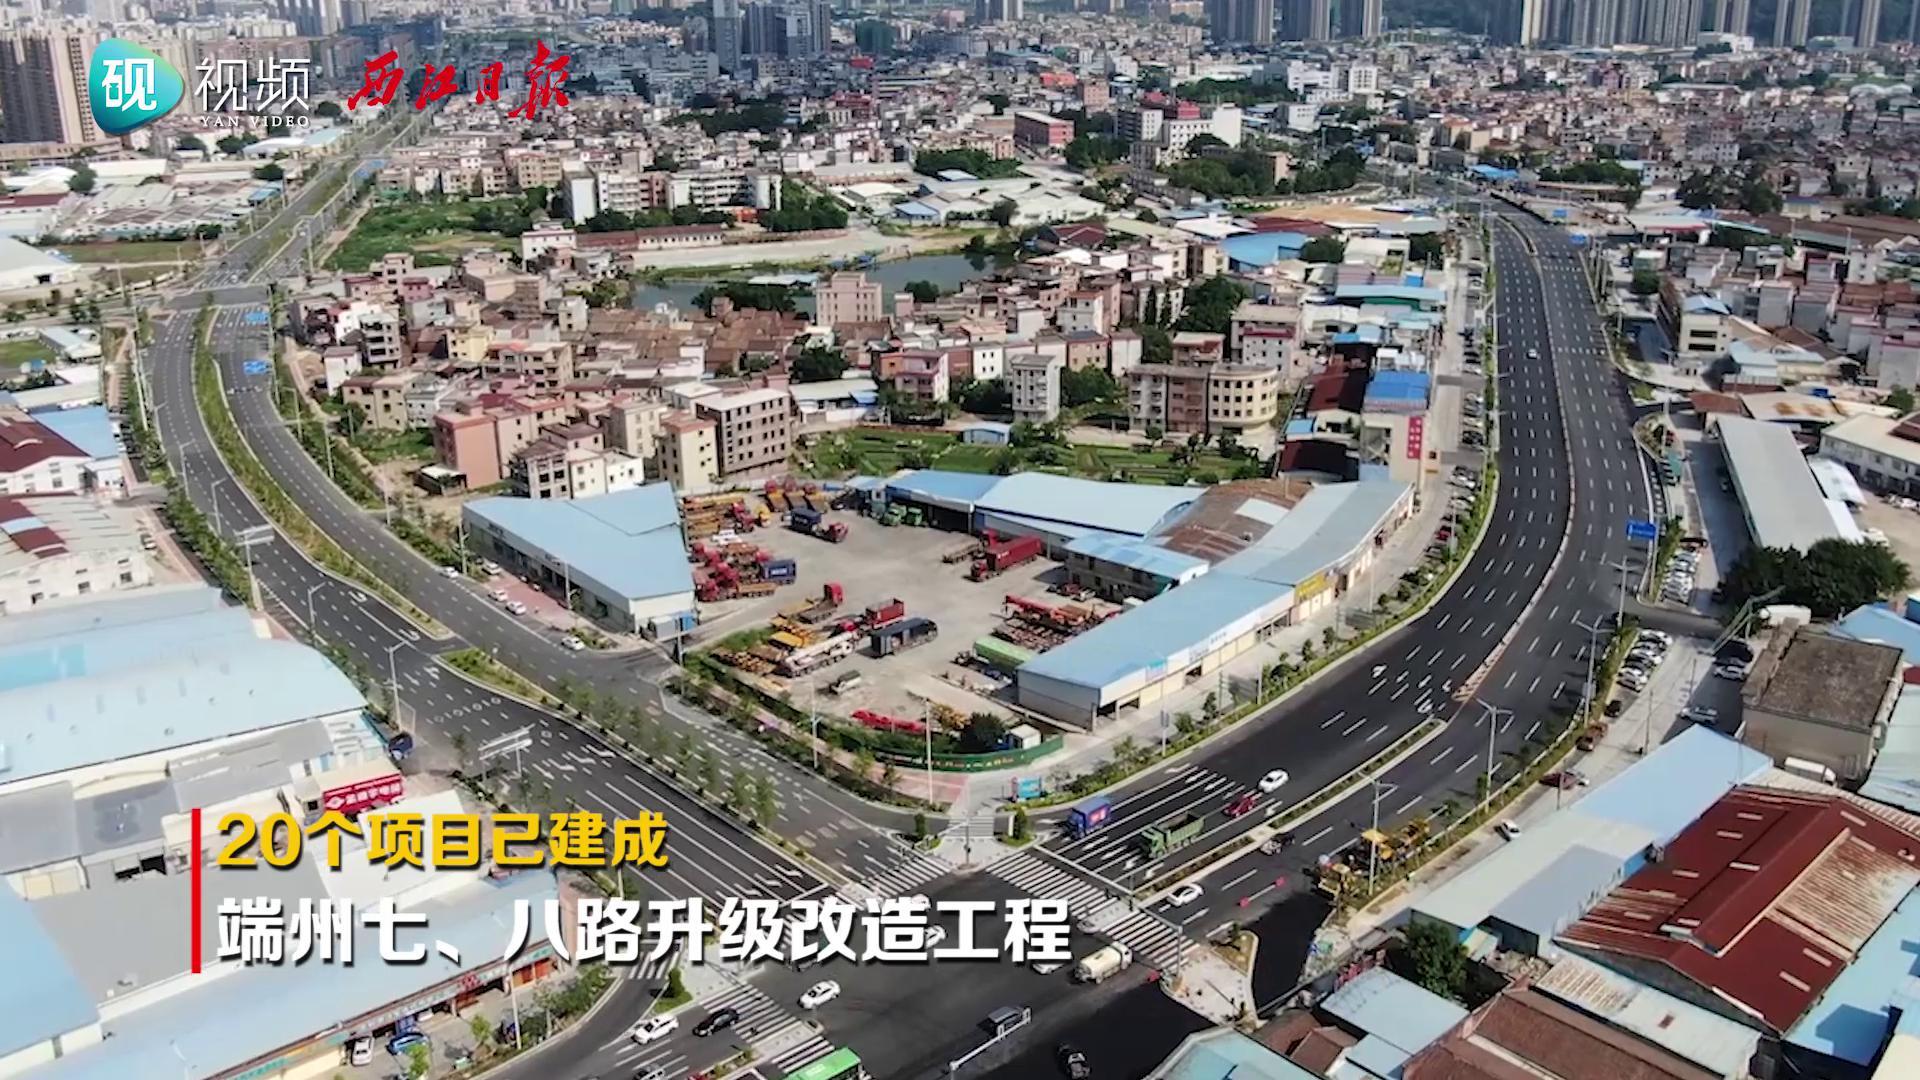 肇庆民生项目速览